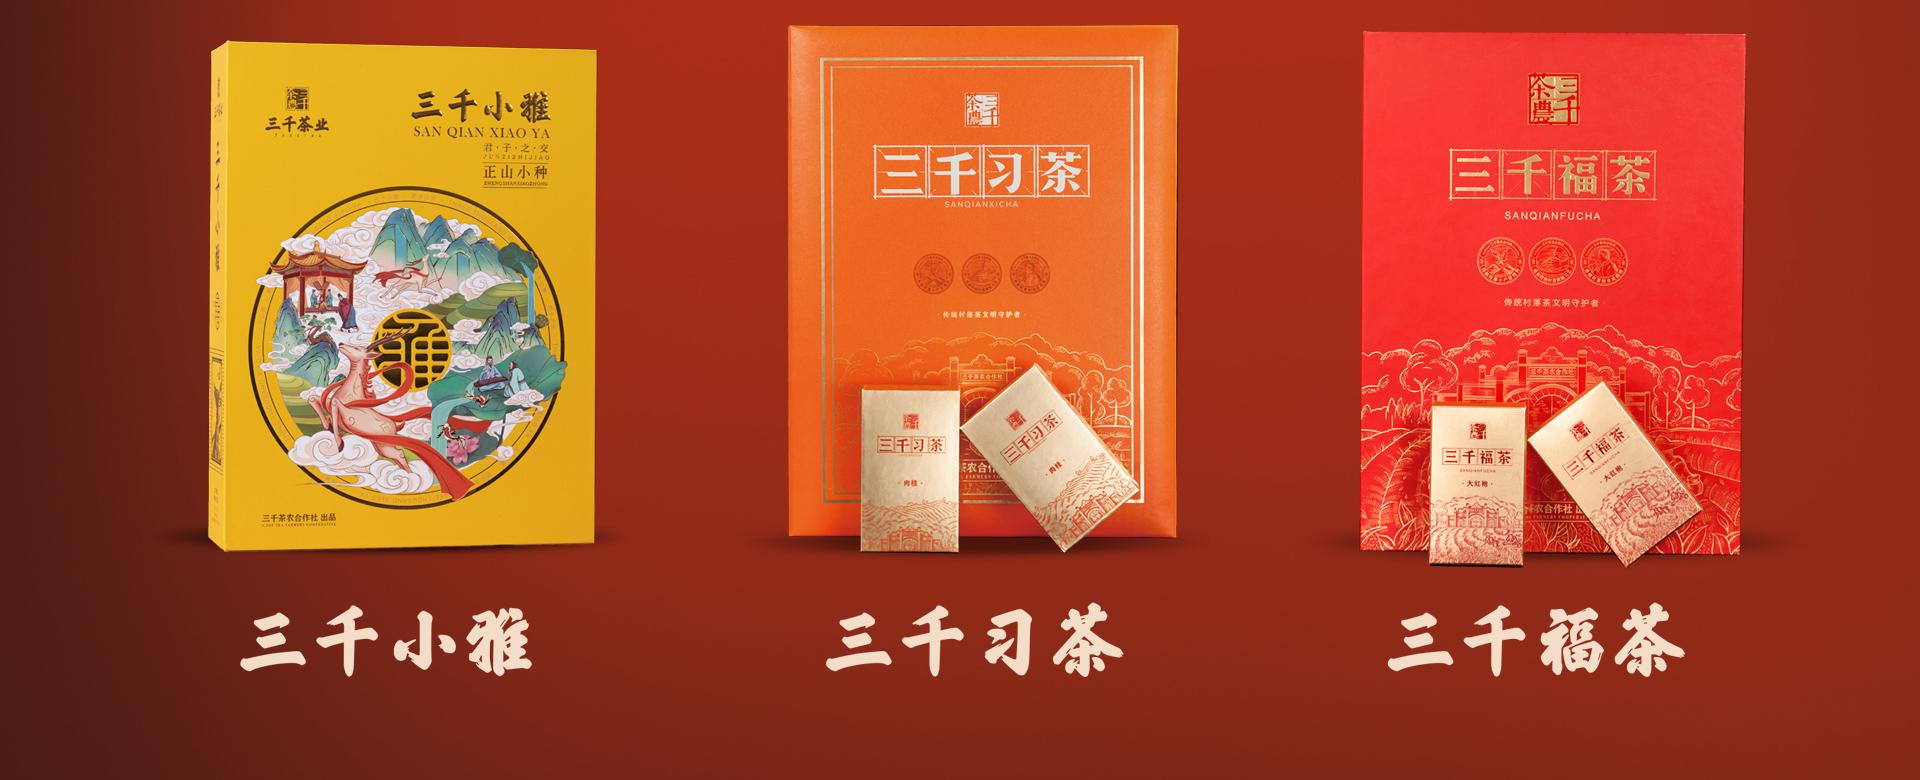 三千茶農sqcn_26